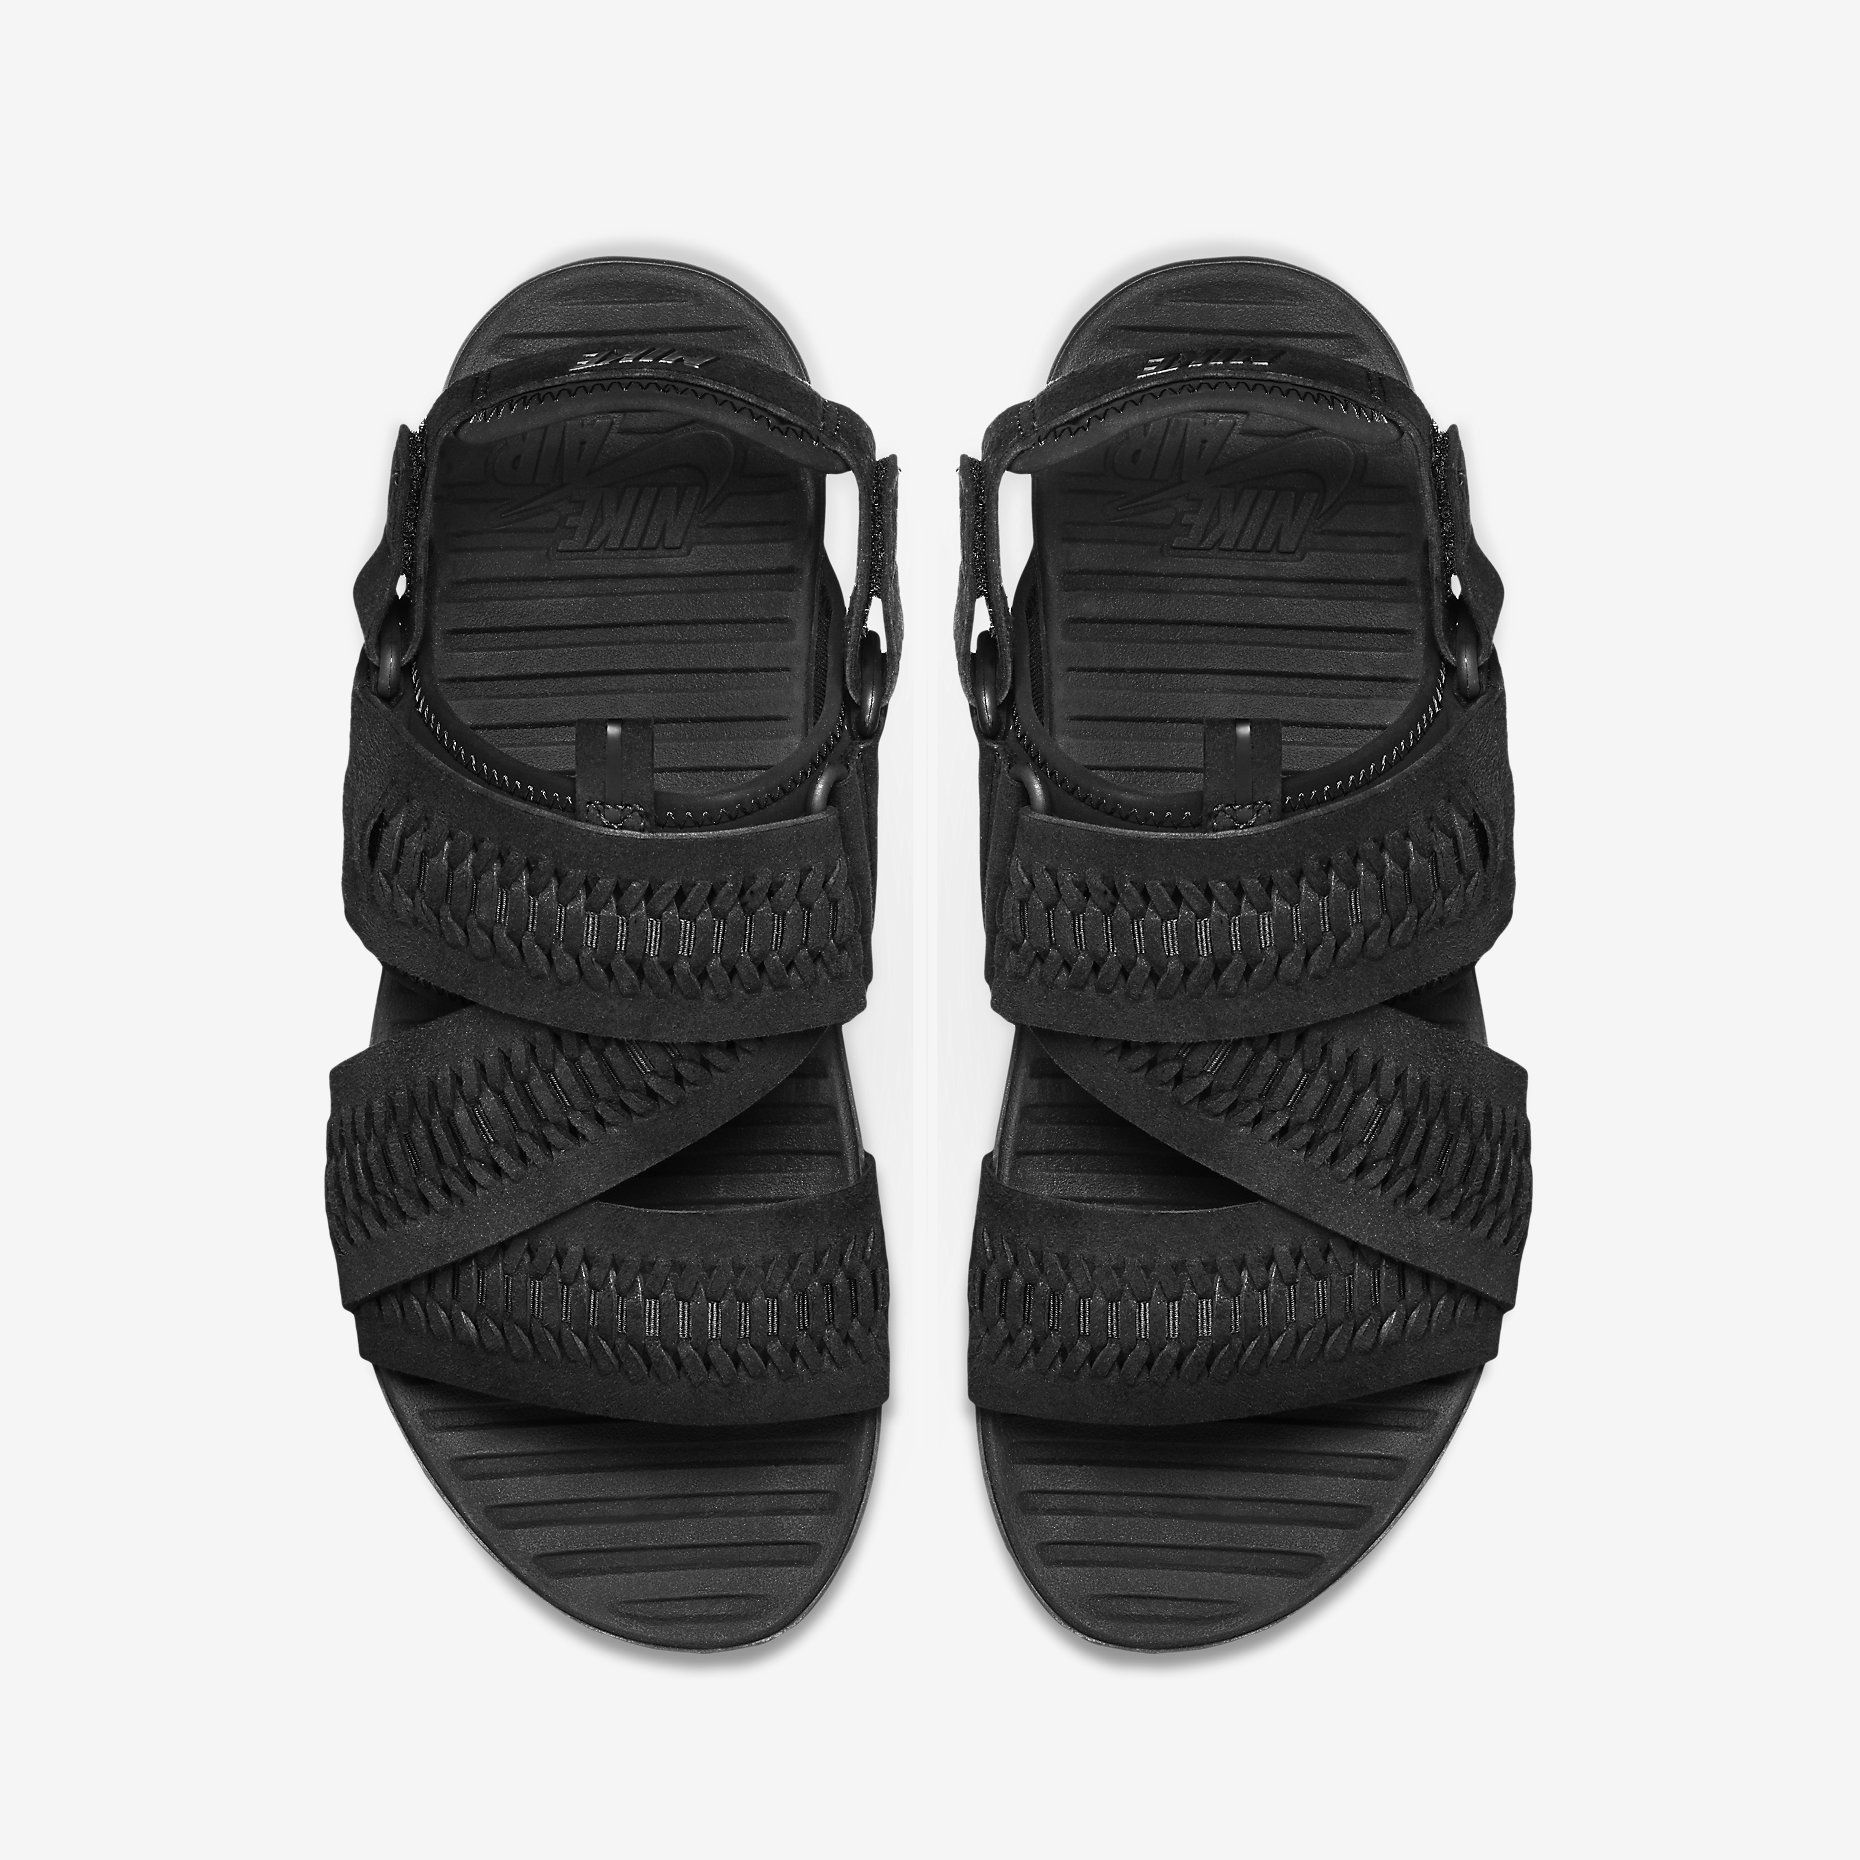 53d68dadd ナイキラボ エア ソーラーソフト ジグザグ ウーブン メンズサンダル. Nike Store JP